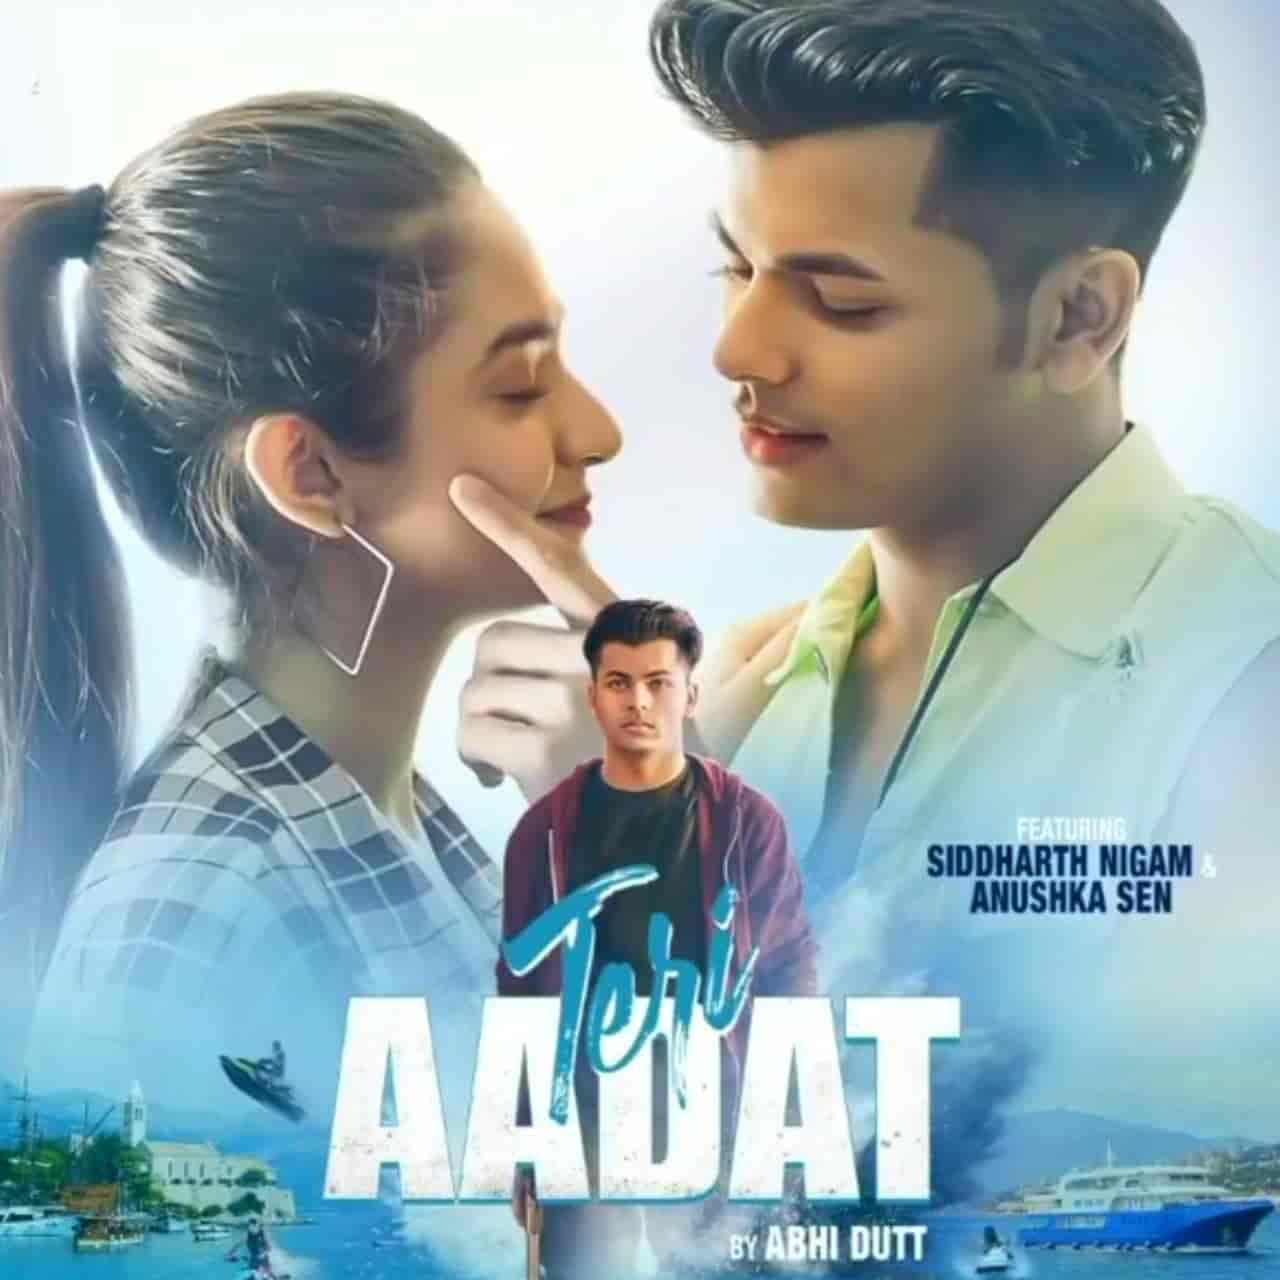 Teri Aadat Hindi Song Lyrics Abhi Dutt Ft. Siddharth Nigam